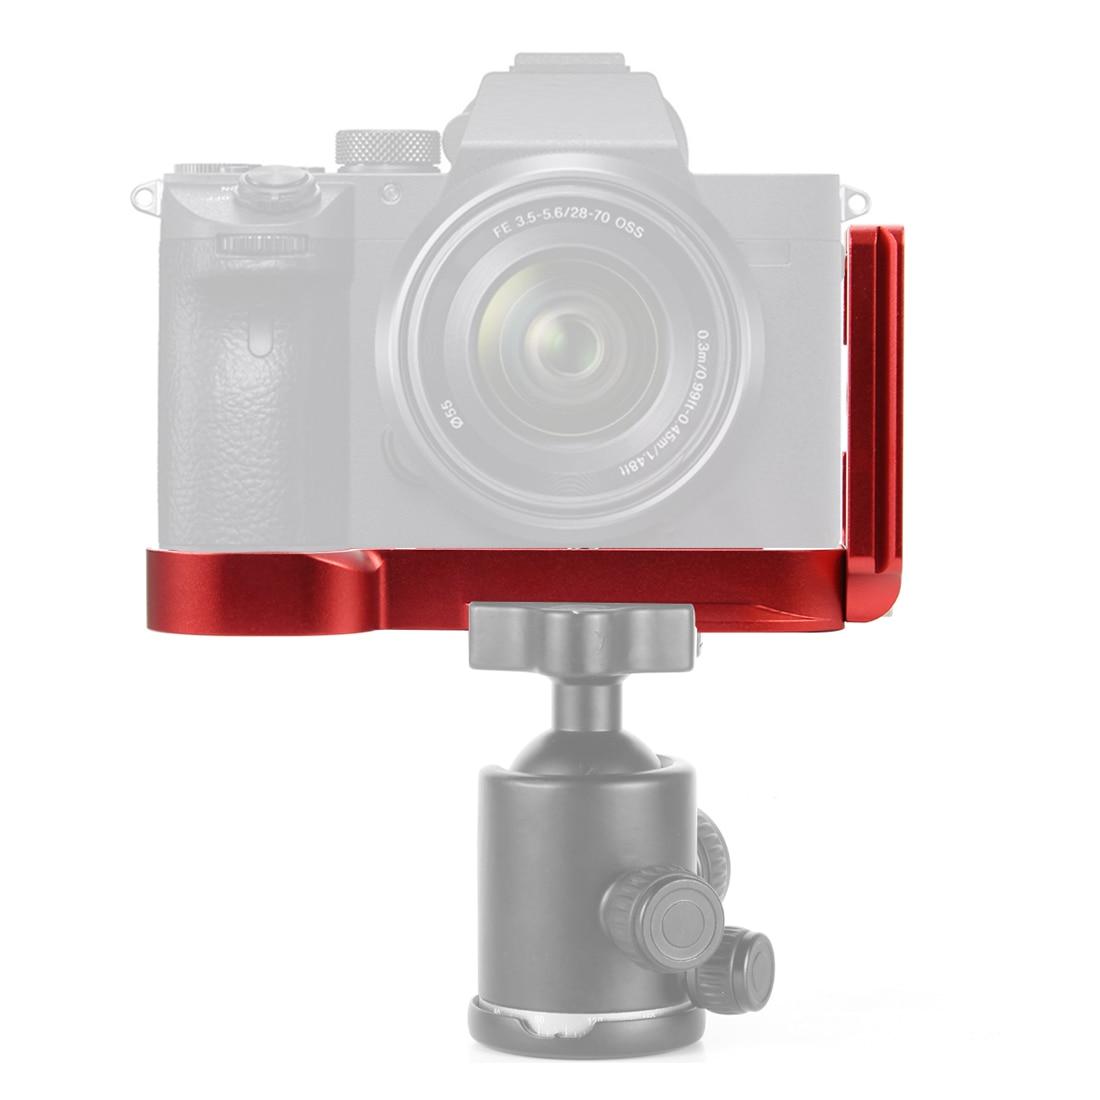 Liga de alumínio placa liberação rápida bola cabeça vertical l suporte placa adaptador suporte para sony a7 a7r arca câmera padrão